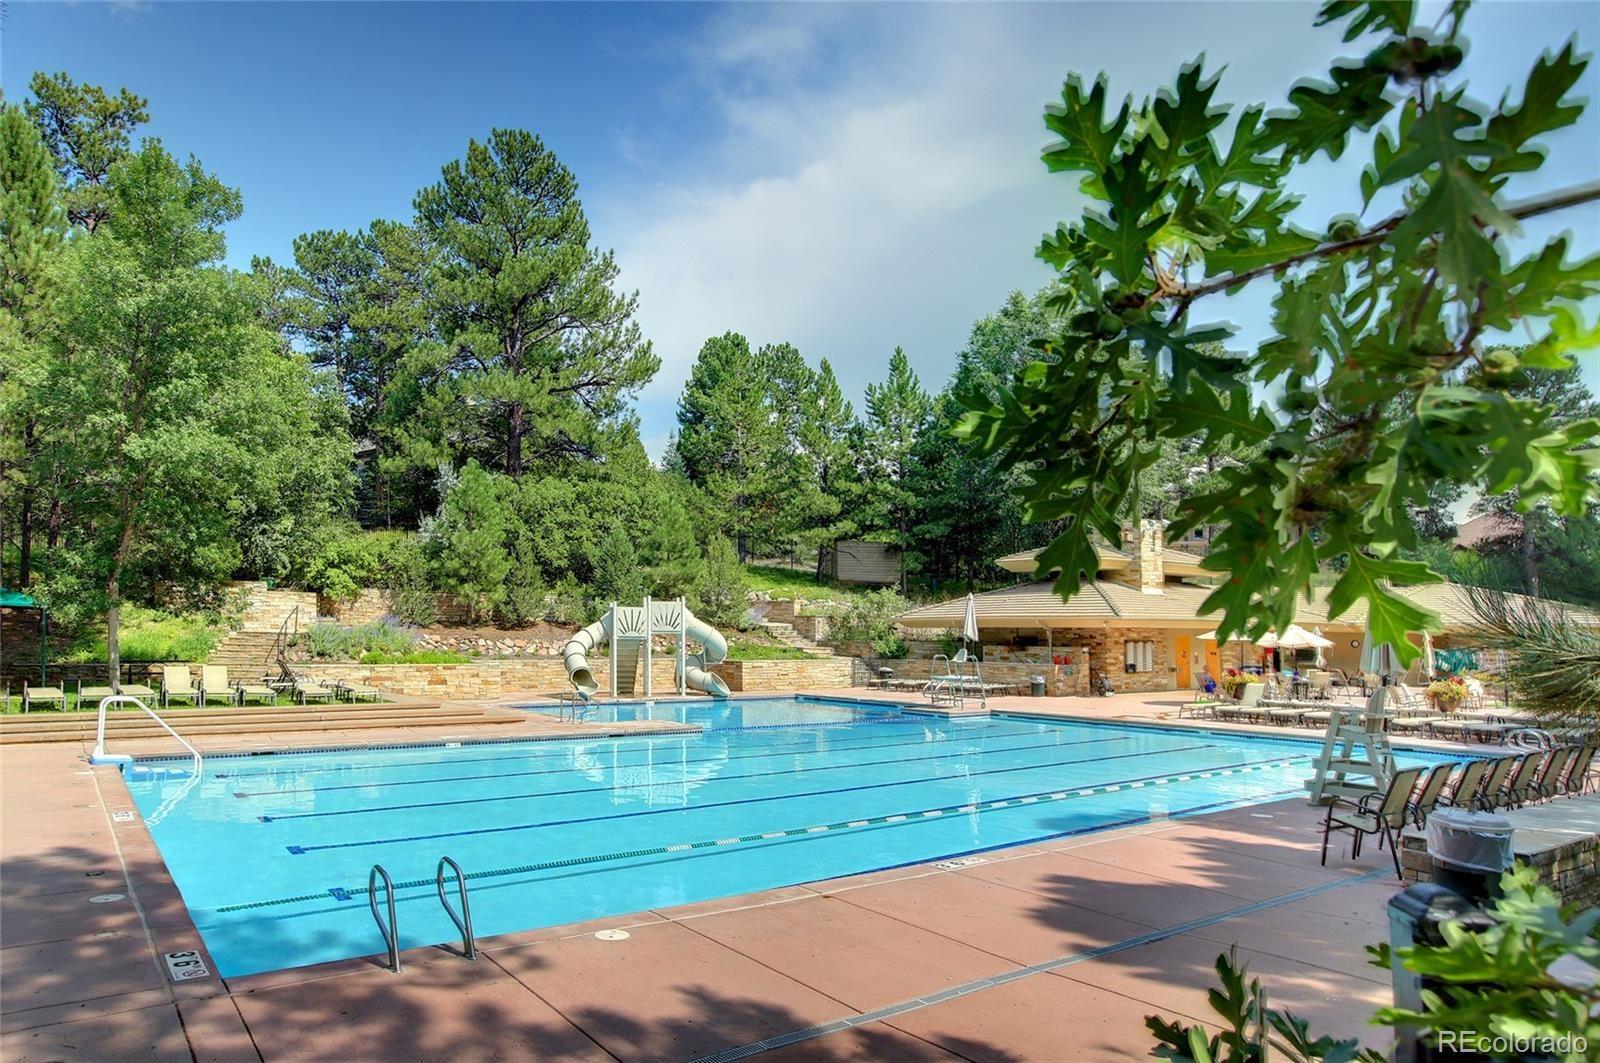 MLS# 3450406 - 24 - 6713 Handies Peak Court, Castle Rock, CO 80108